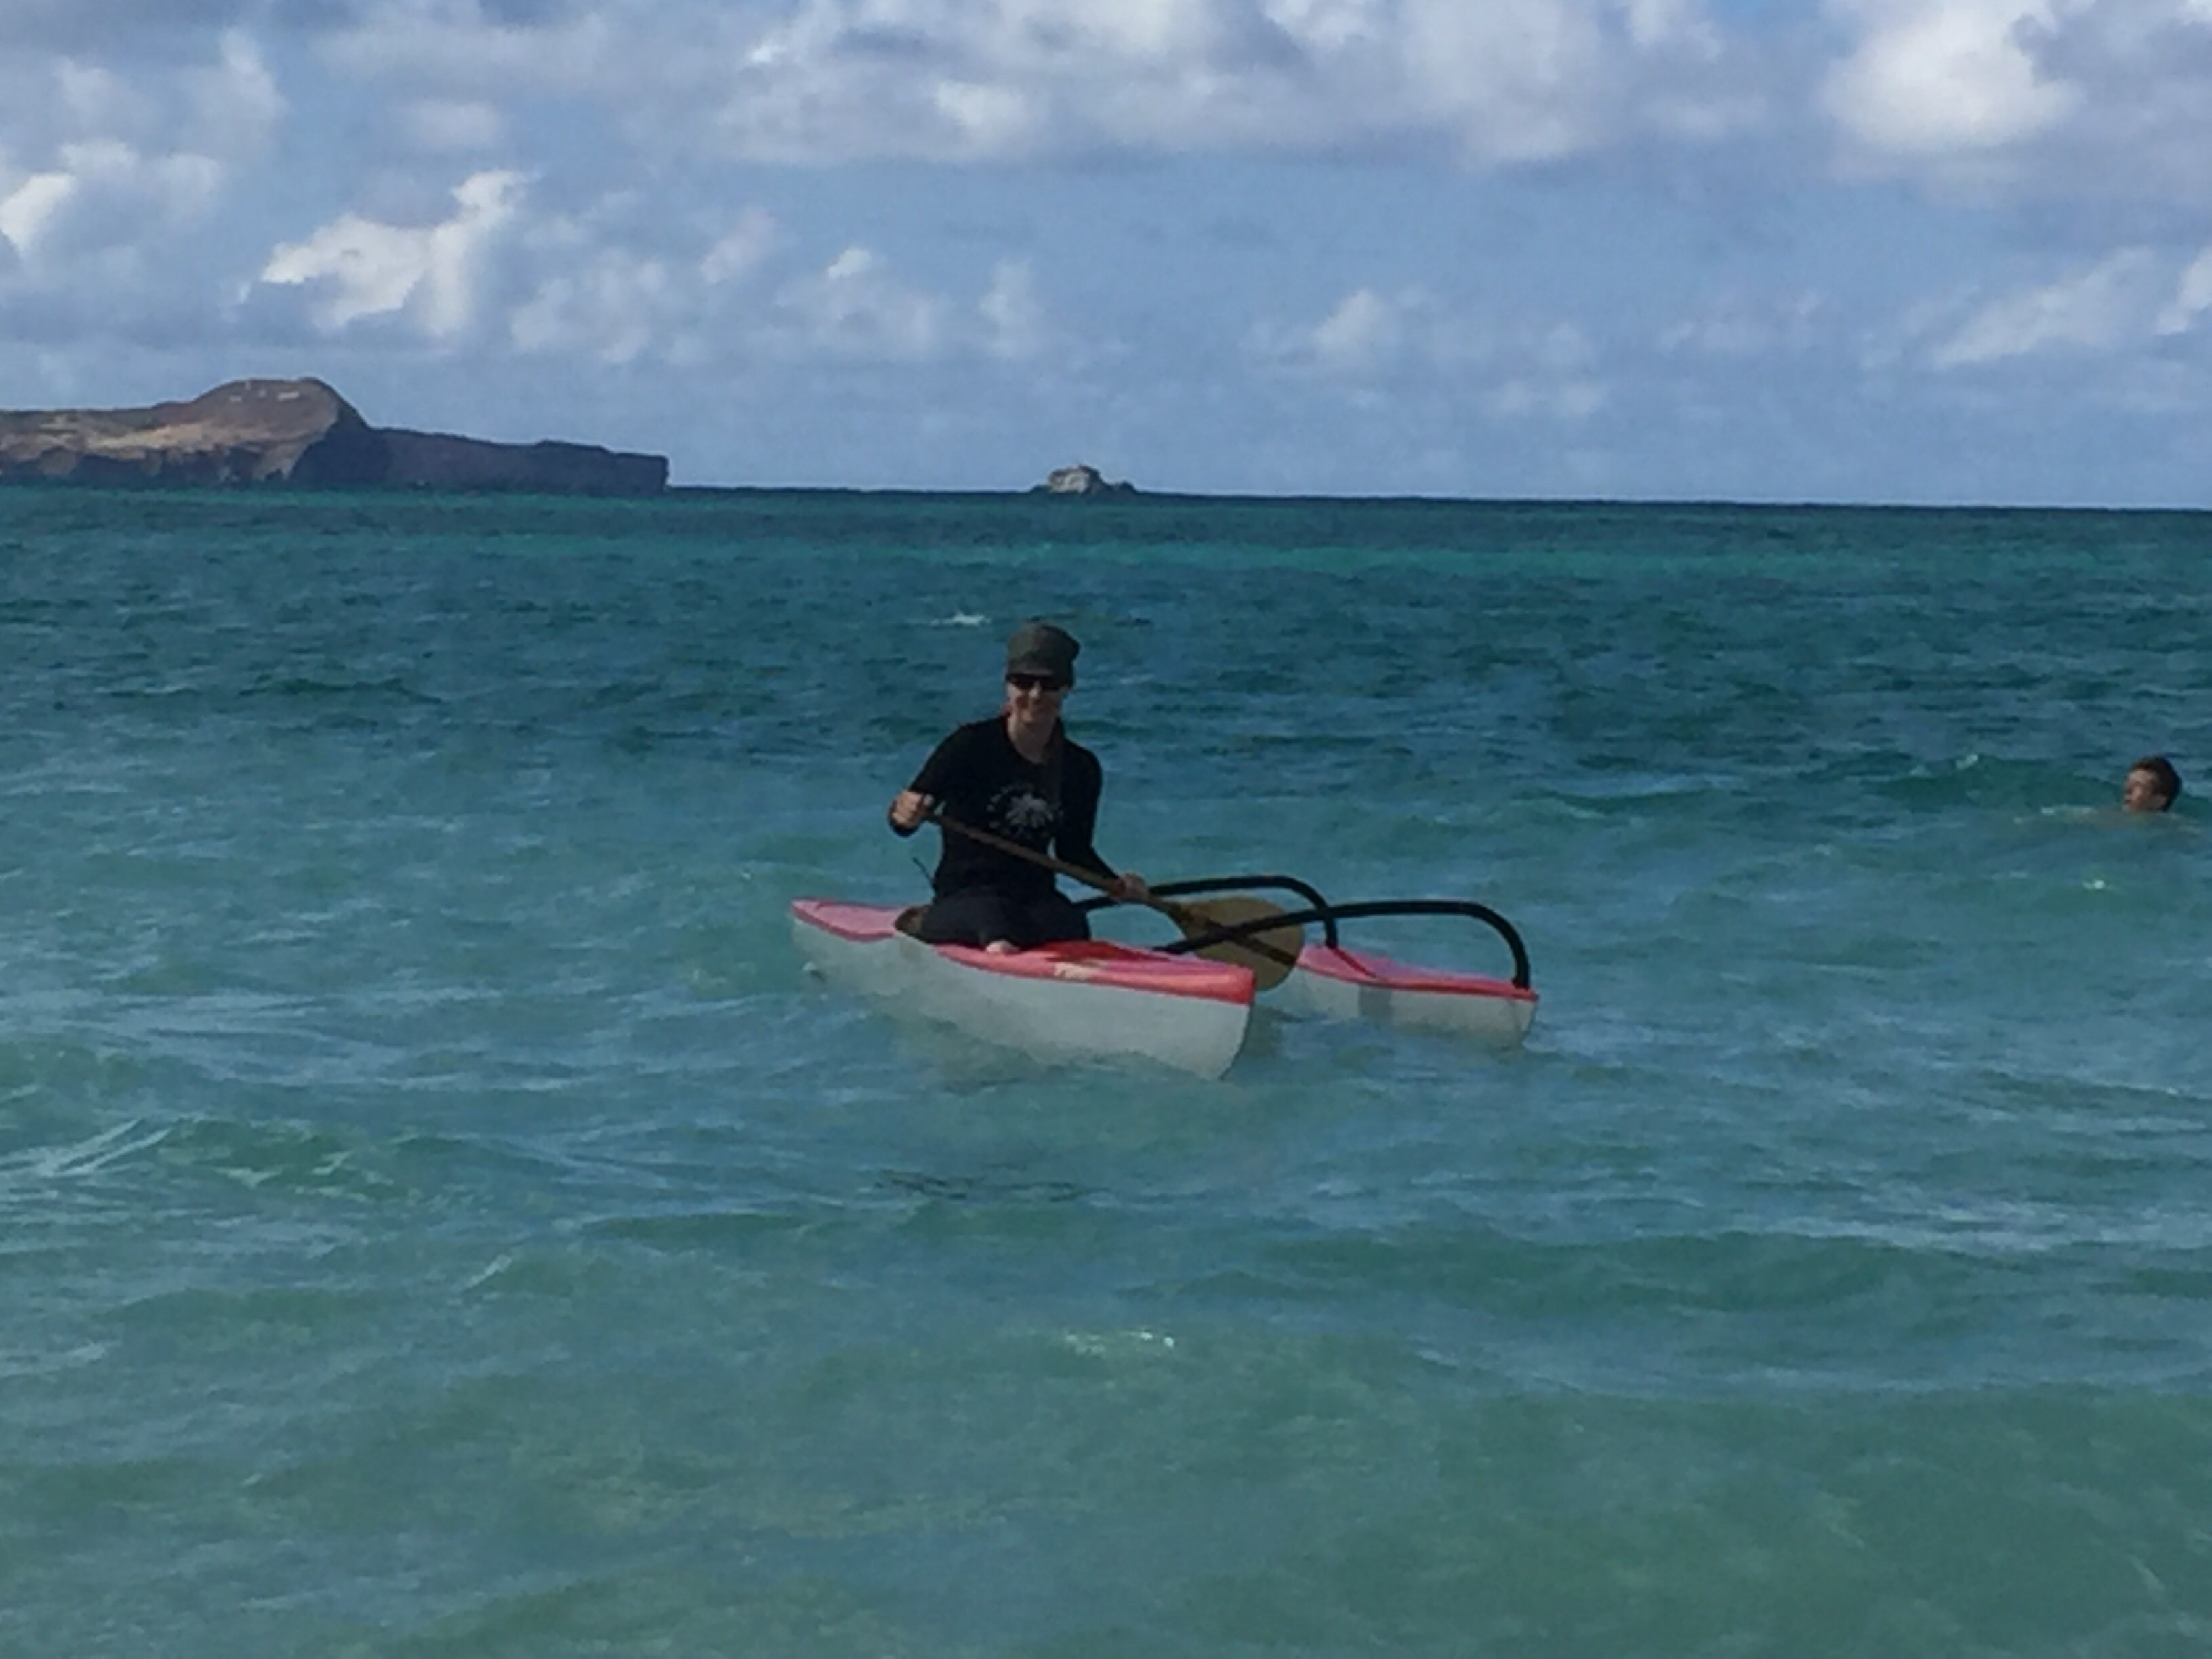 A woman in a canoe